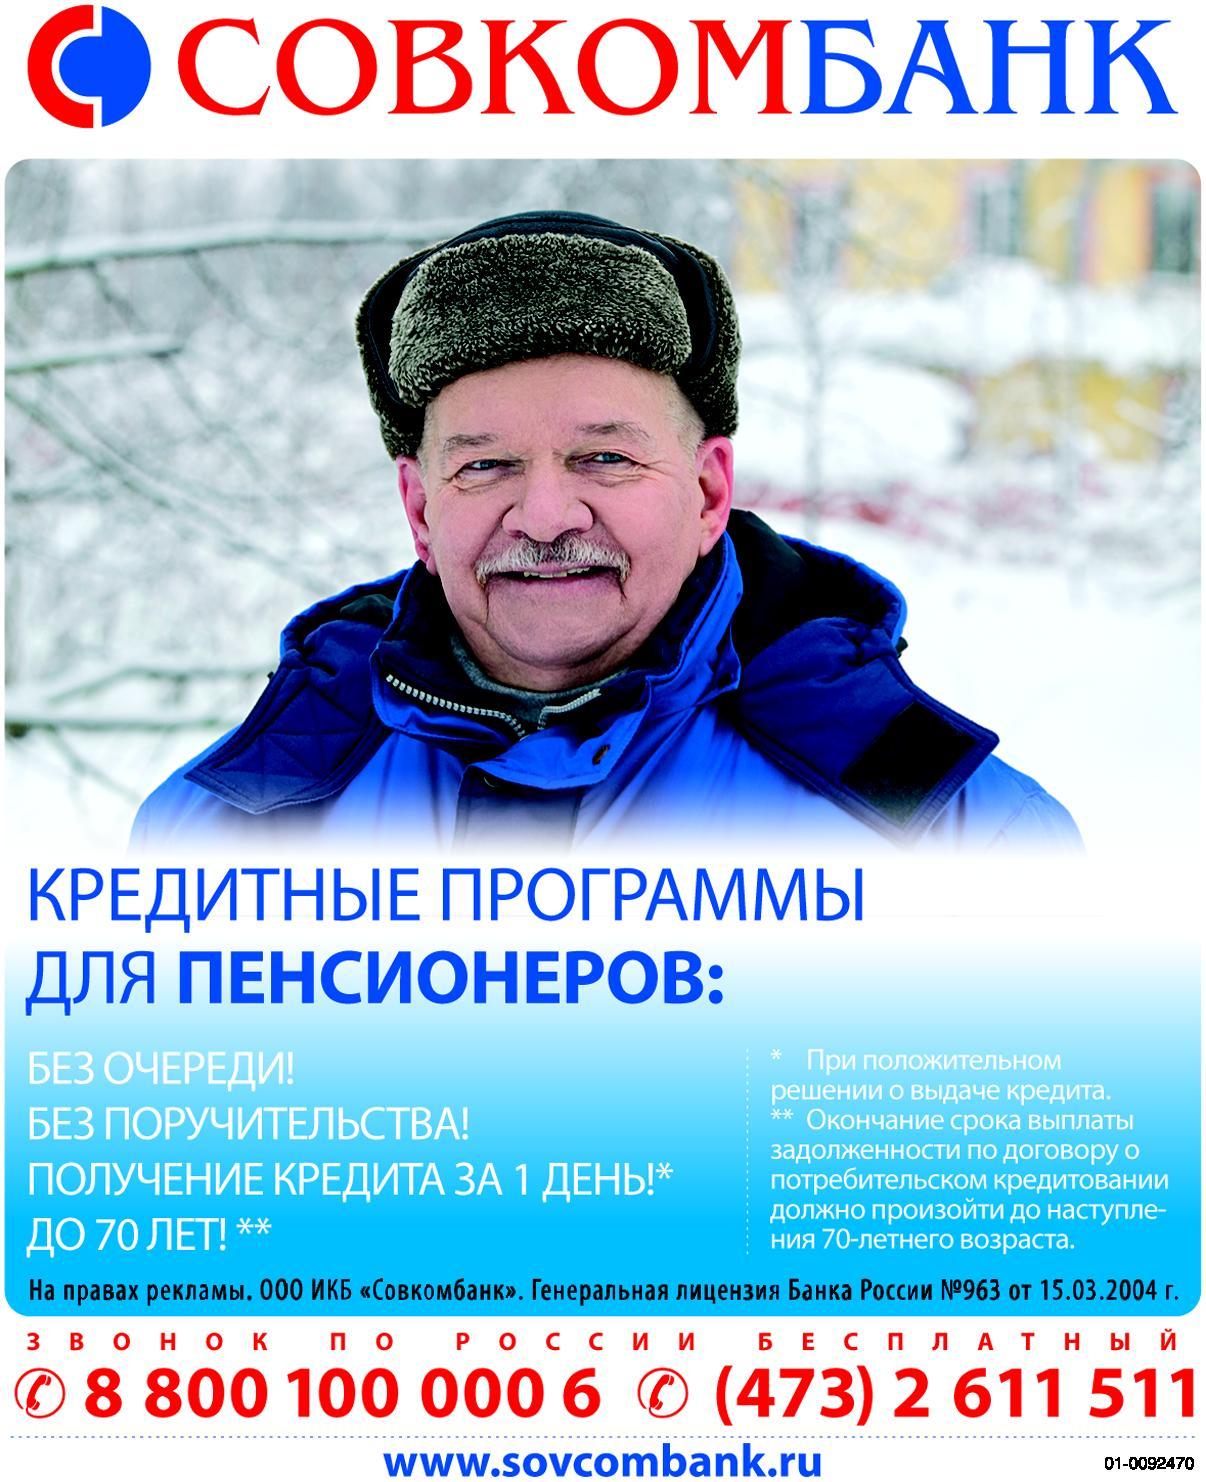 видел Совкомбанк кредит наличными условия кредитования для пенсионеров которую Хилвар